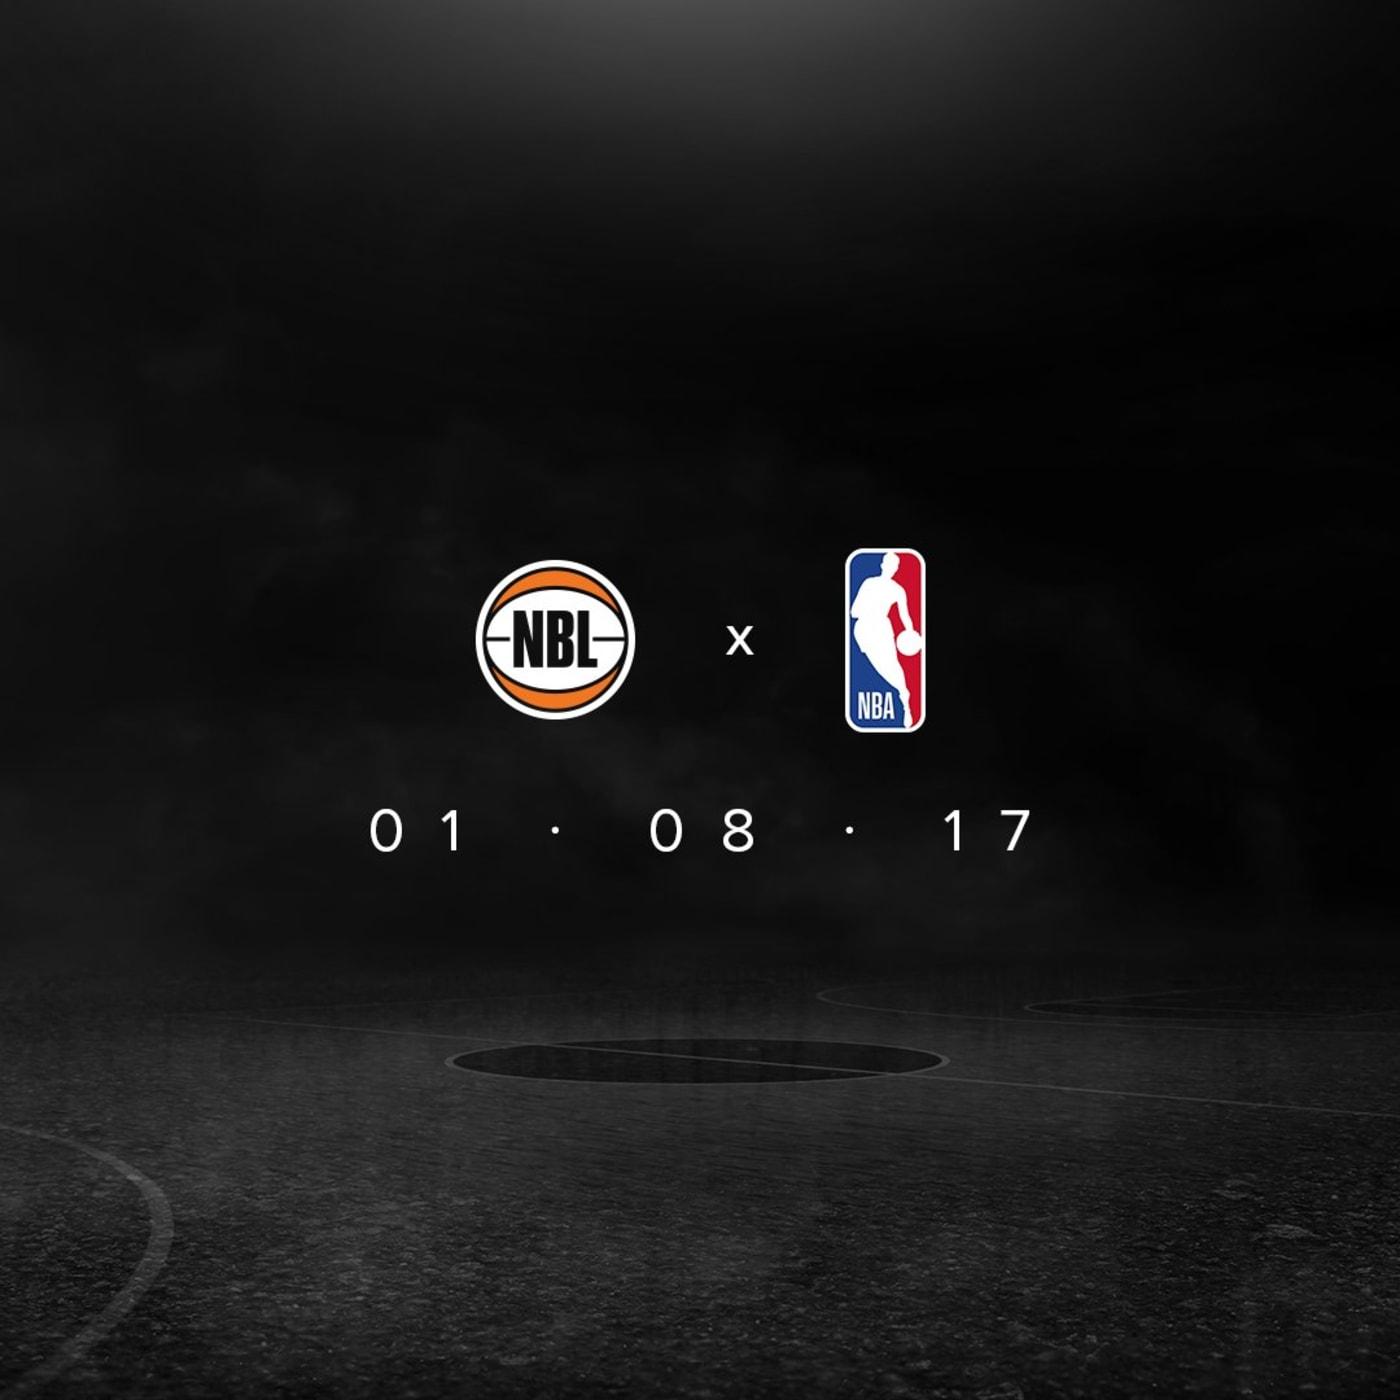 NBL x NBA